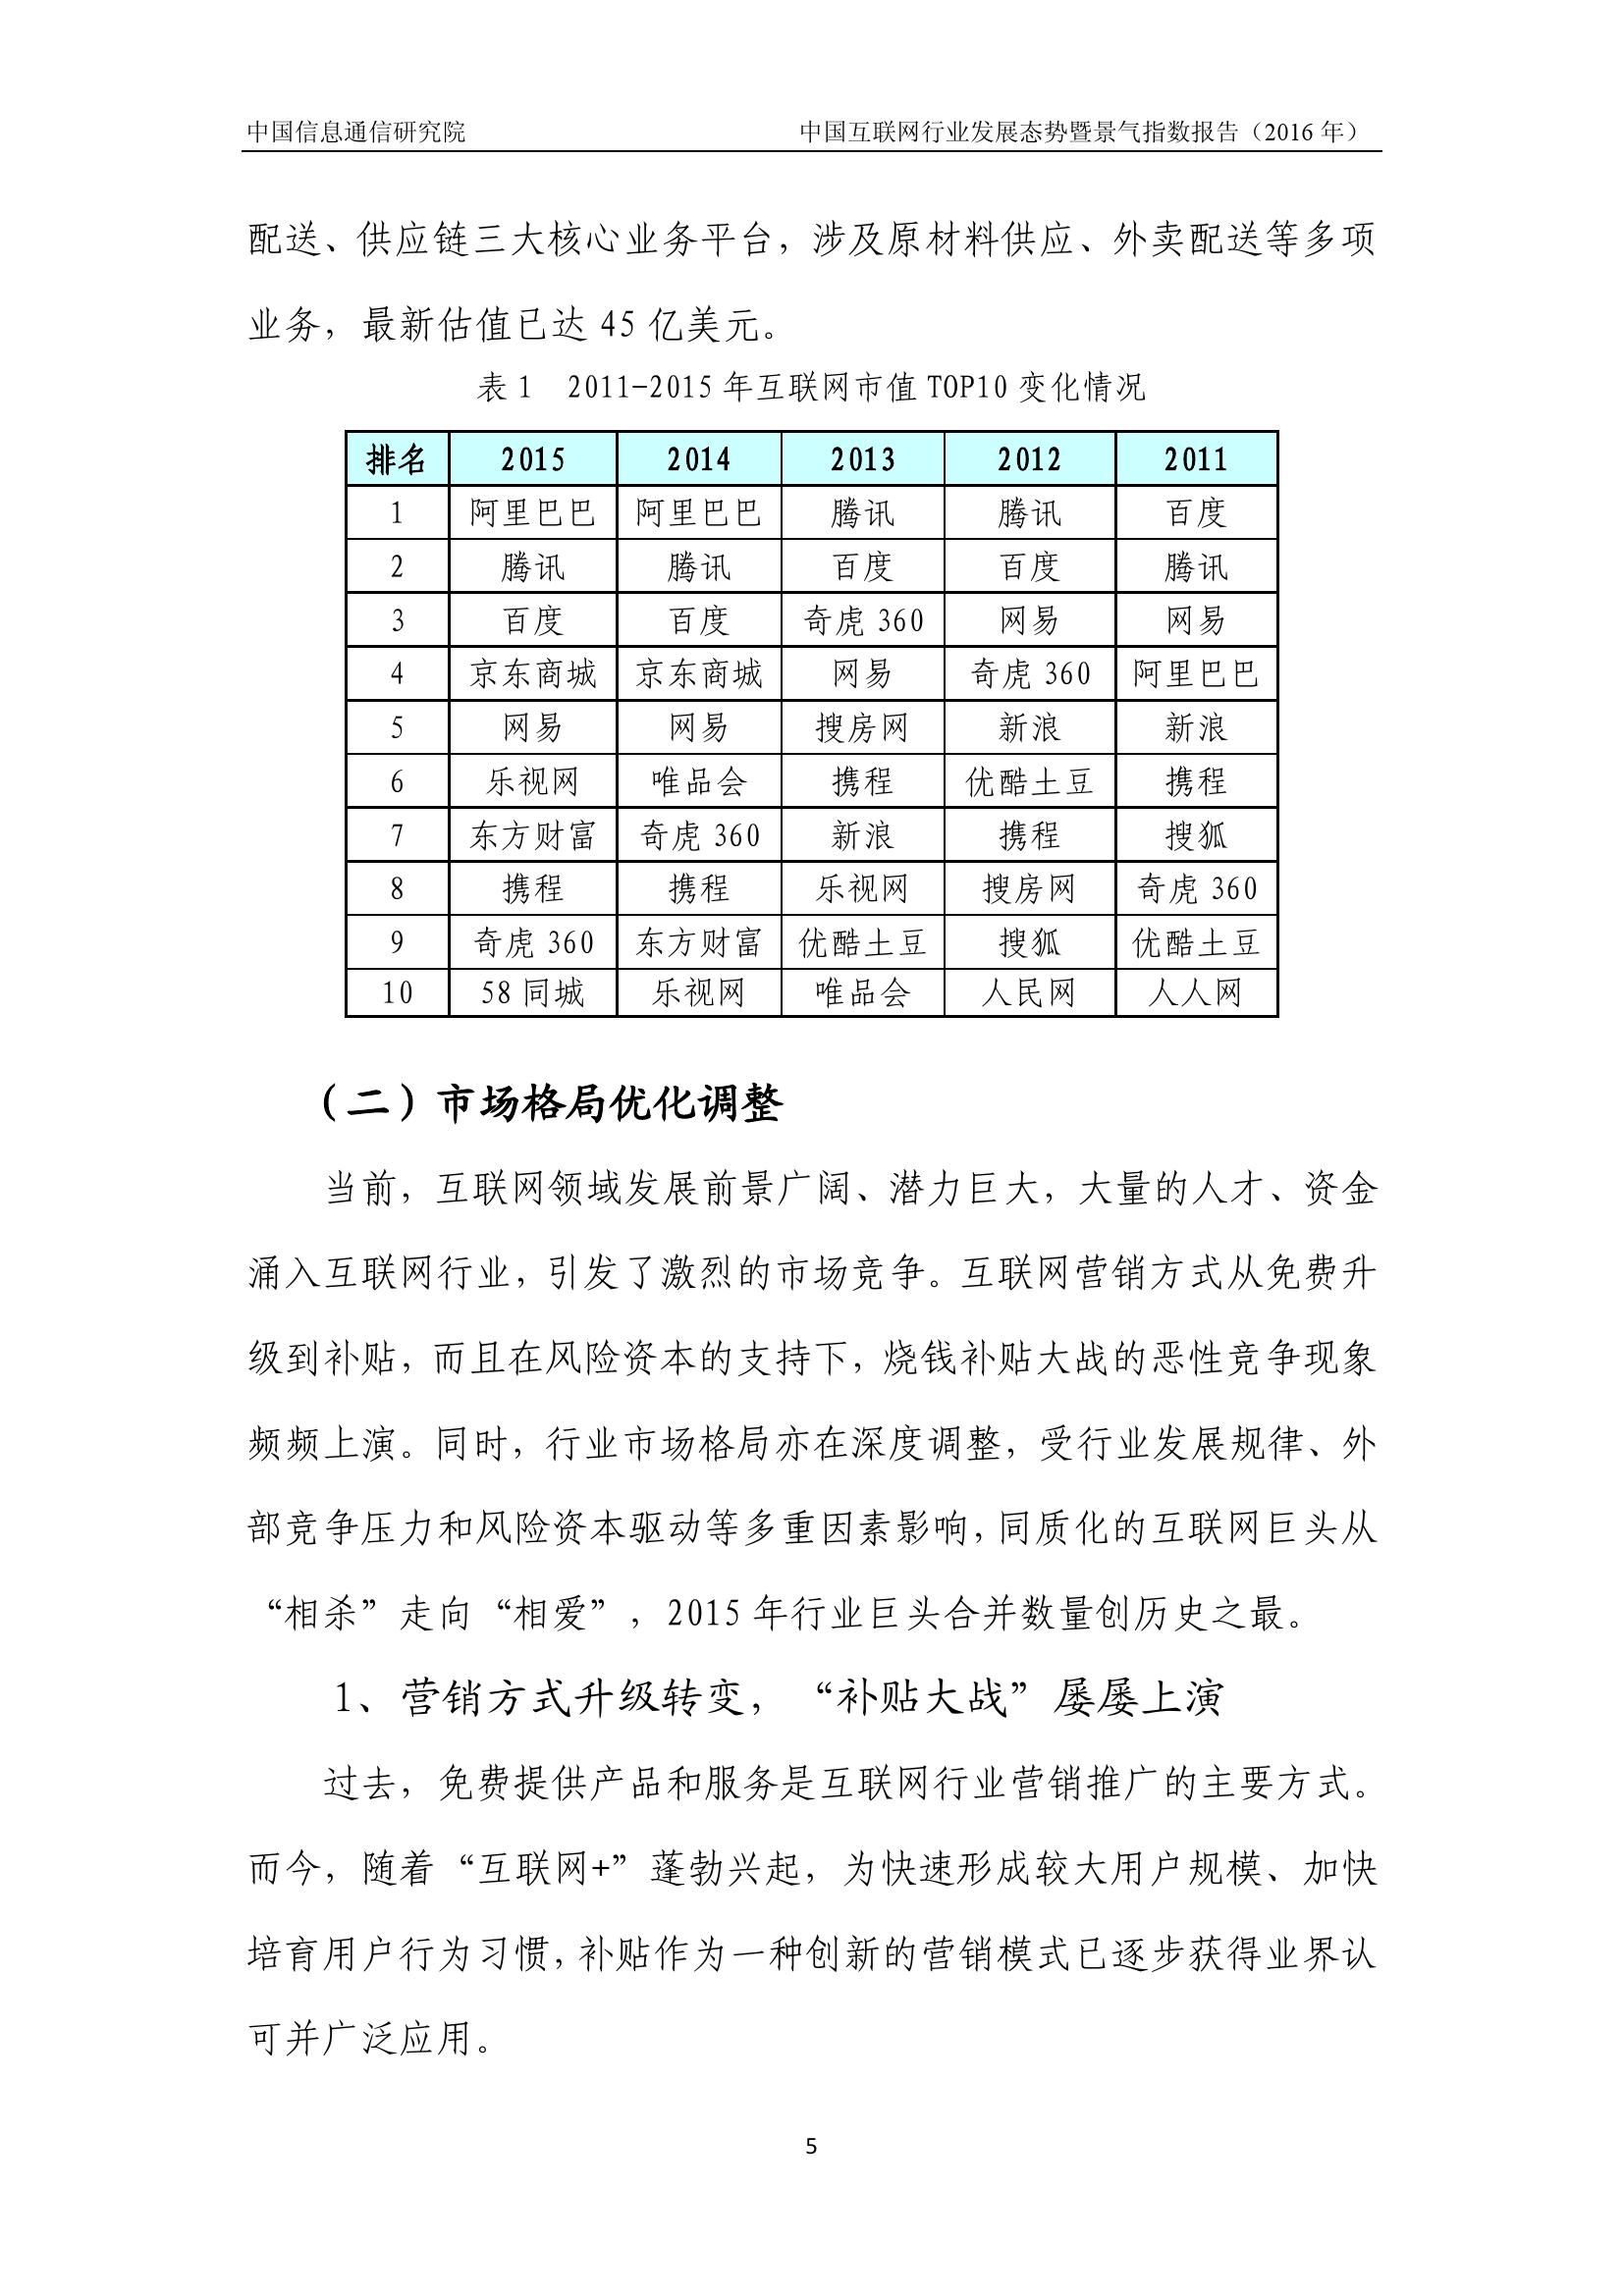 2016年中国互联网行业发展态势暨景气指数报告_000009